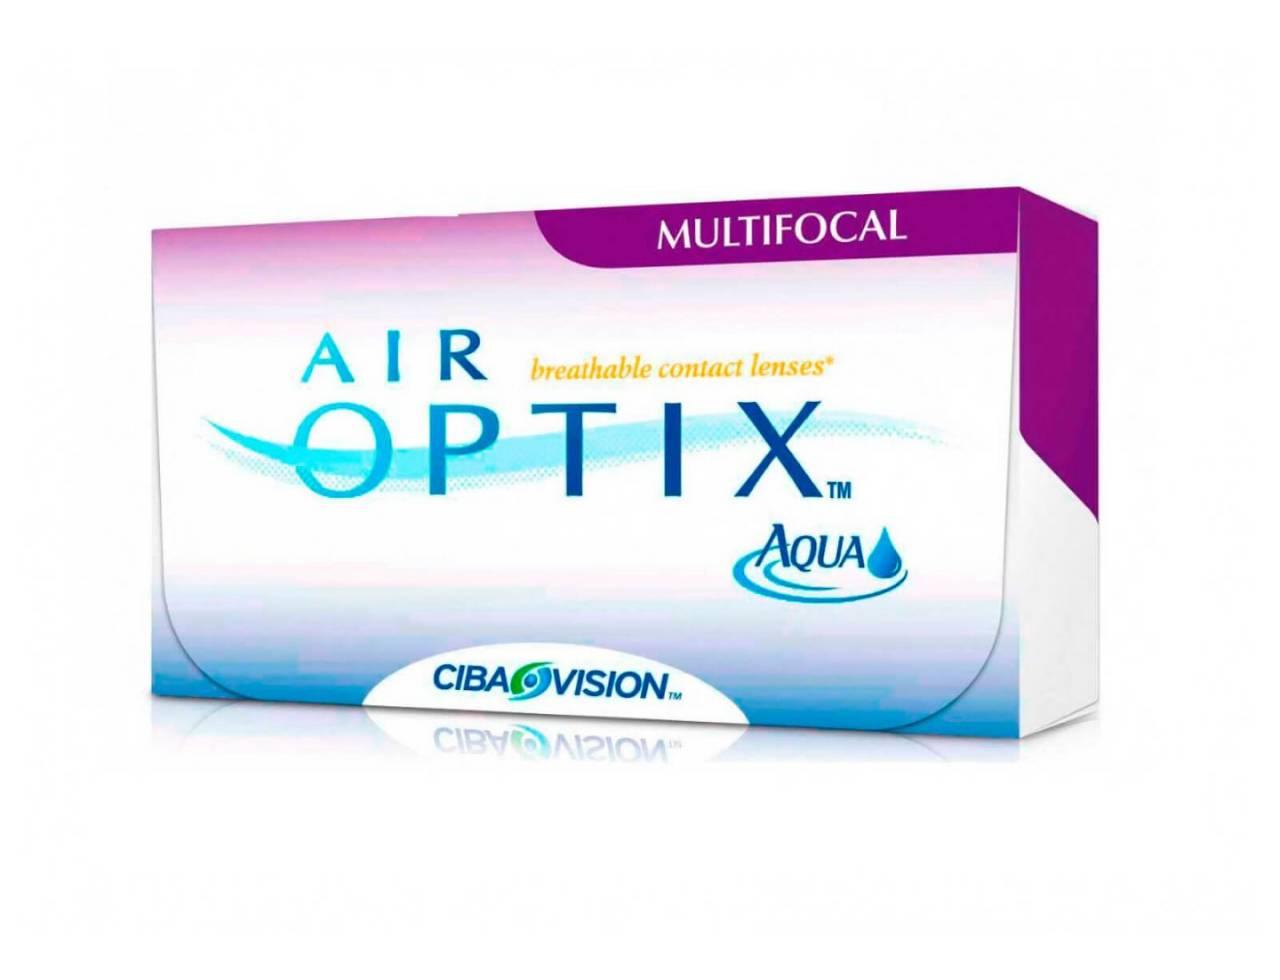 Мультифокальные контактные линзы Alcon Air Optix Aqua Multifocal - Фото №7